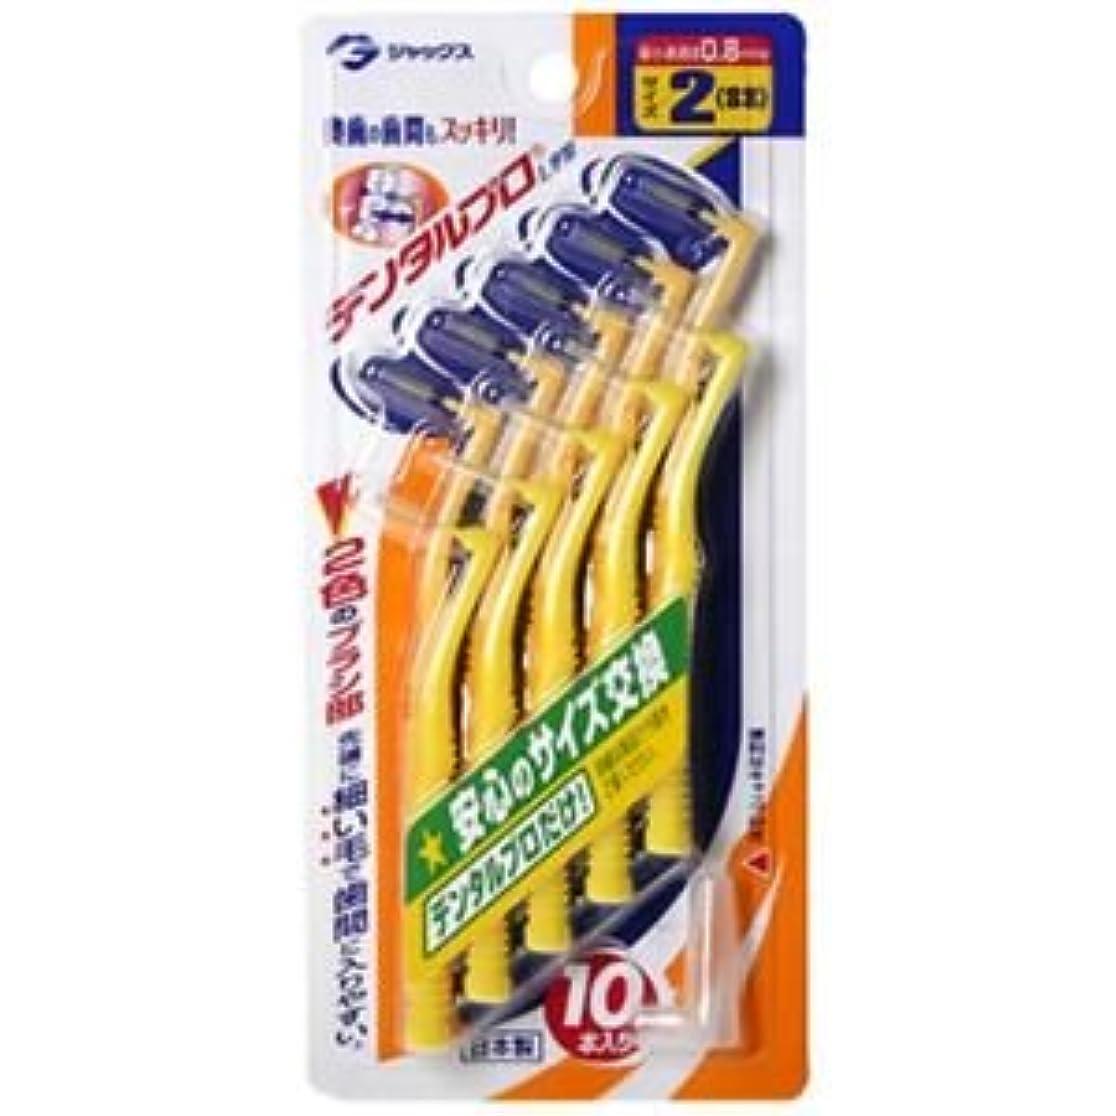 仲介者氏純度デンタルプロ L字型歯間ブラシ サイズ2(SS) 17セット